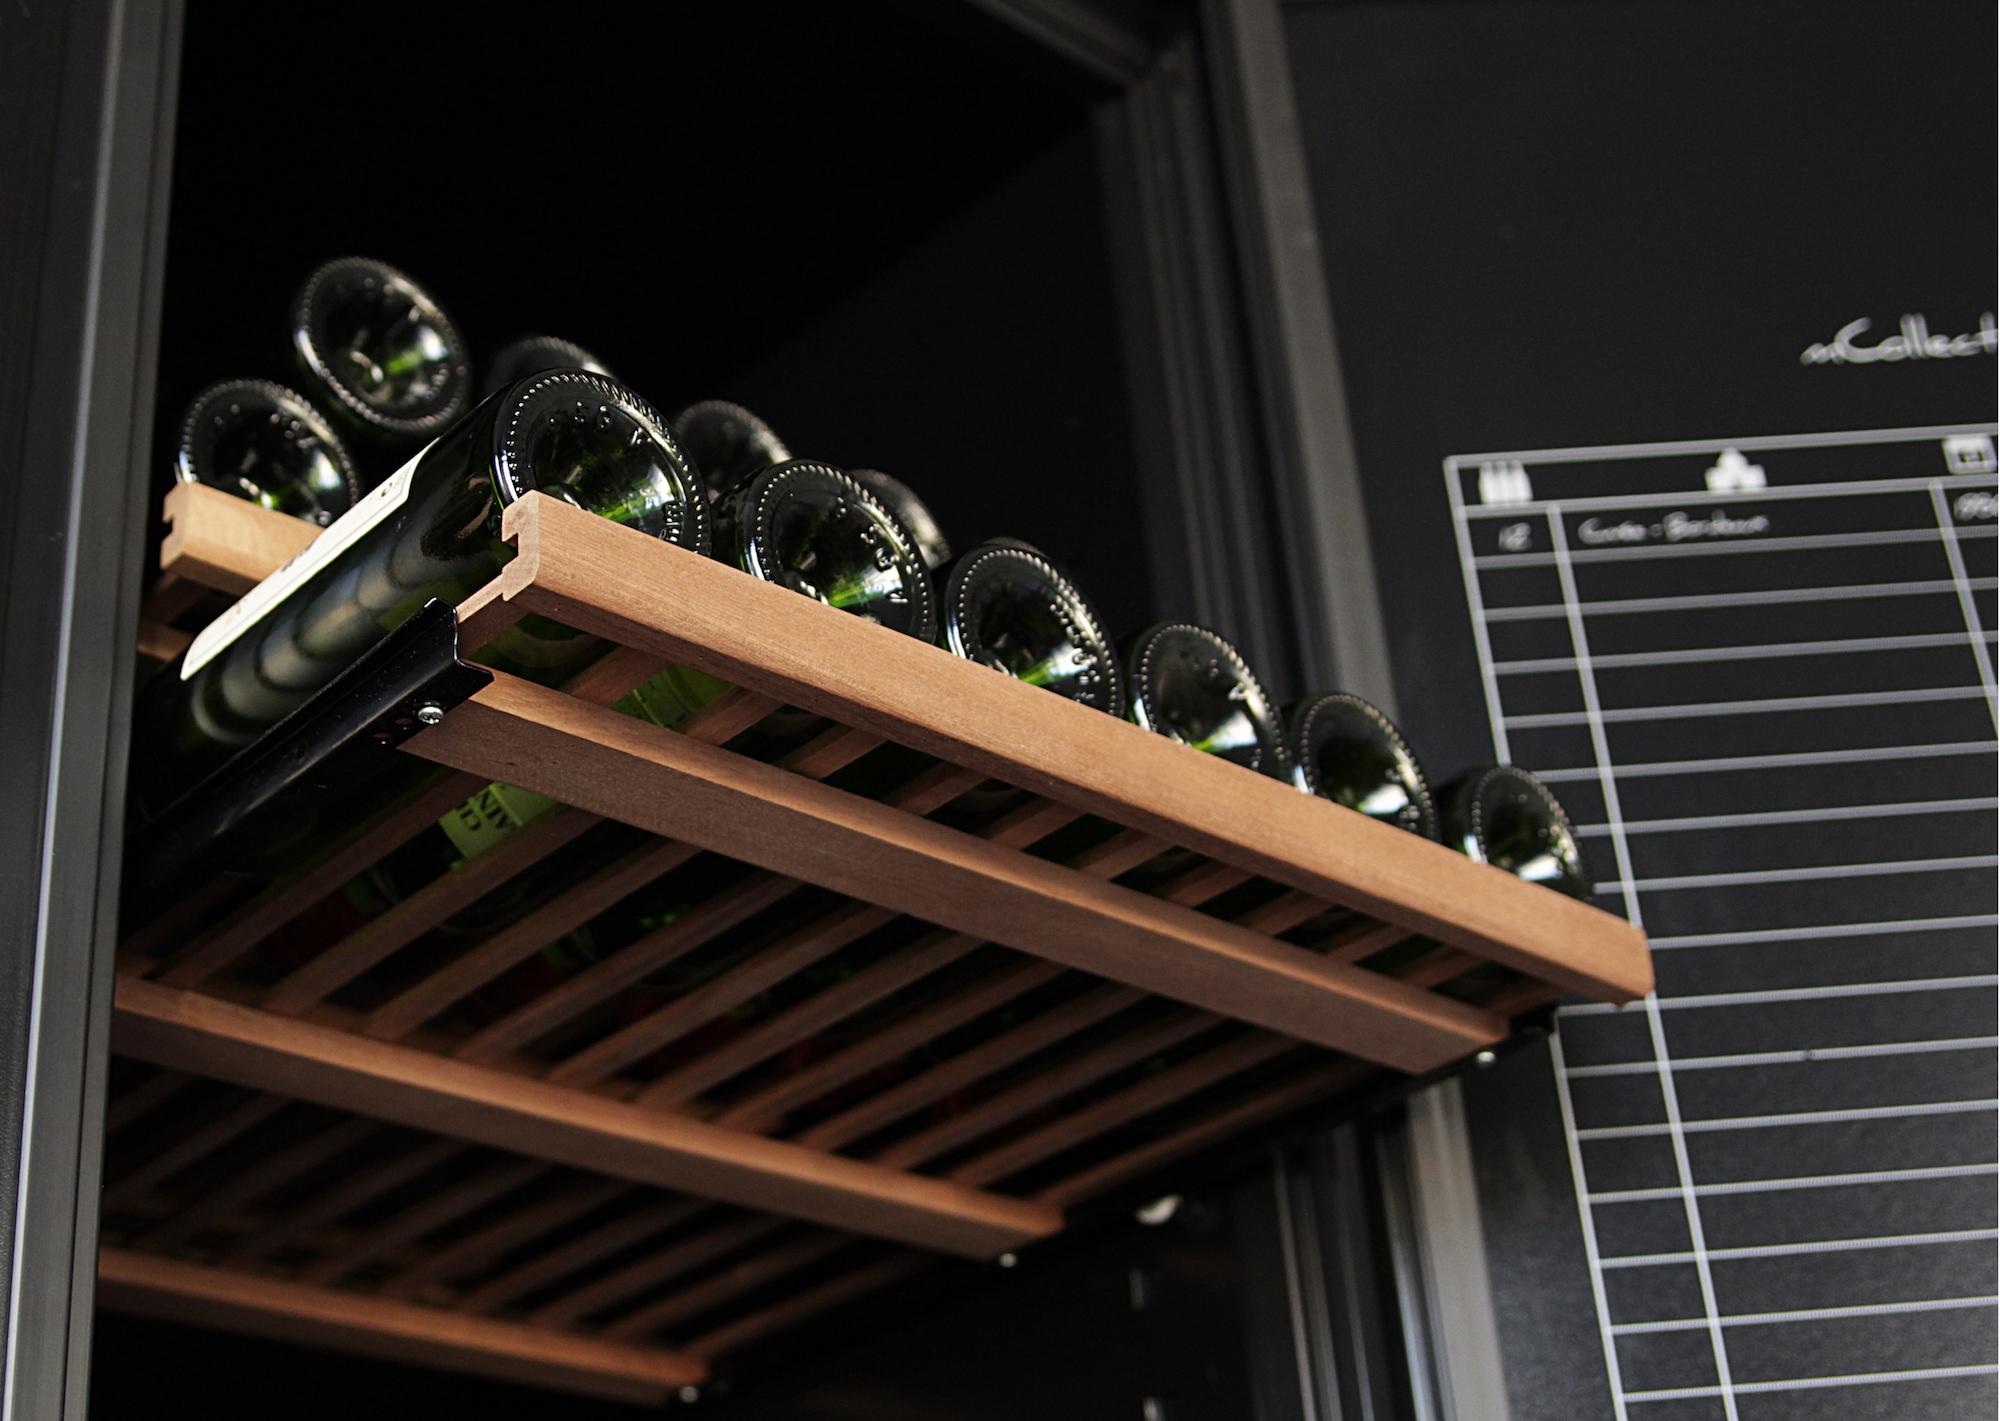 Trähylla med vinflaskor perspektiv underifrån